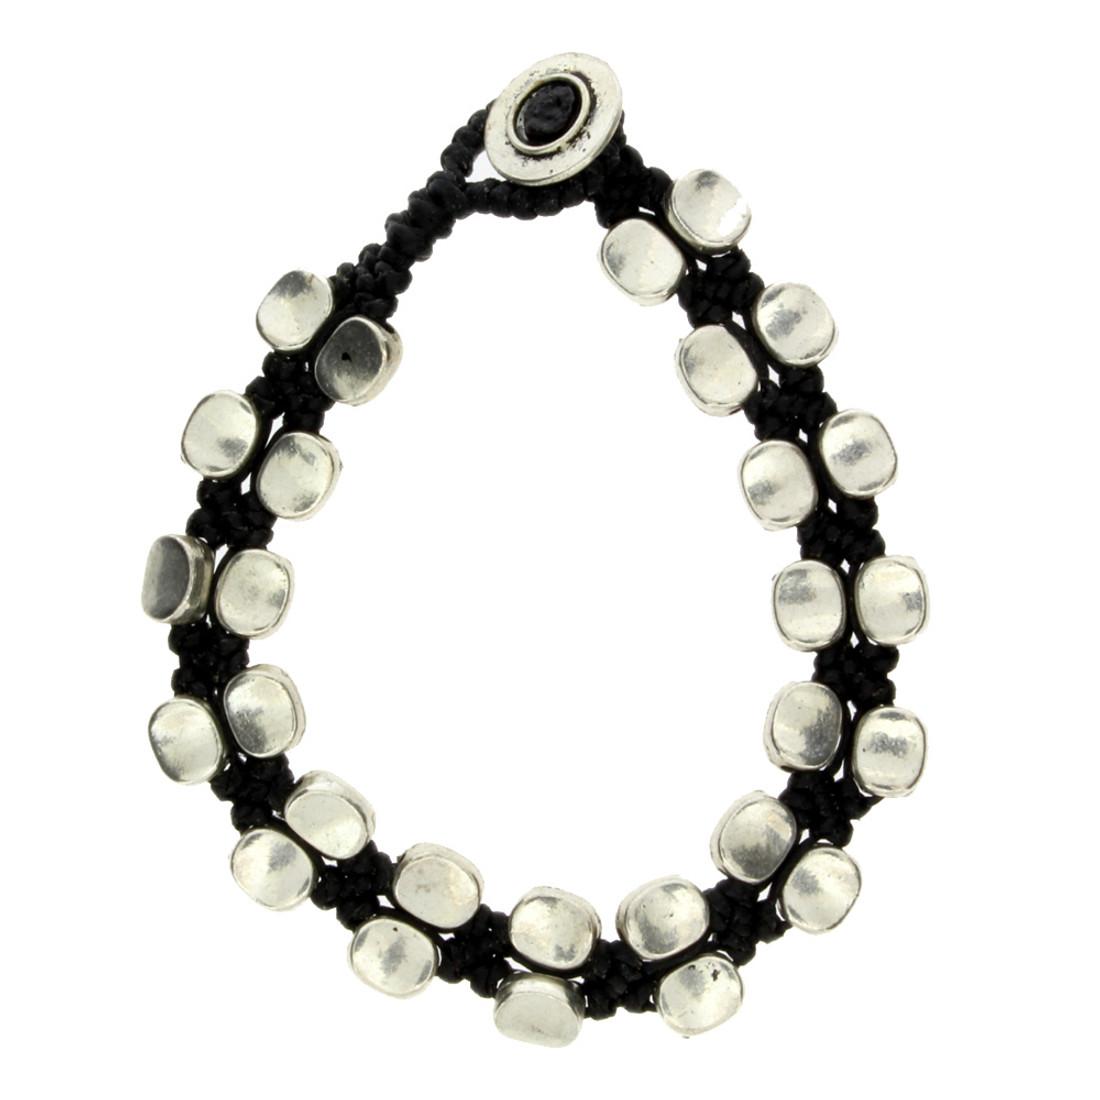 Oval Silver Alloy Beaded Bracelet Wrist Jewelry Waxed Linen Wristband Black